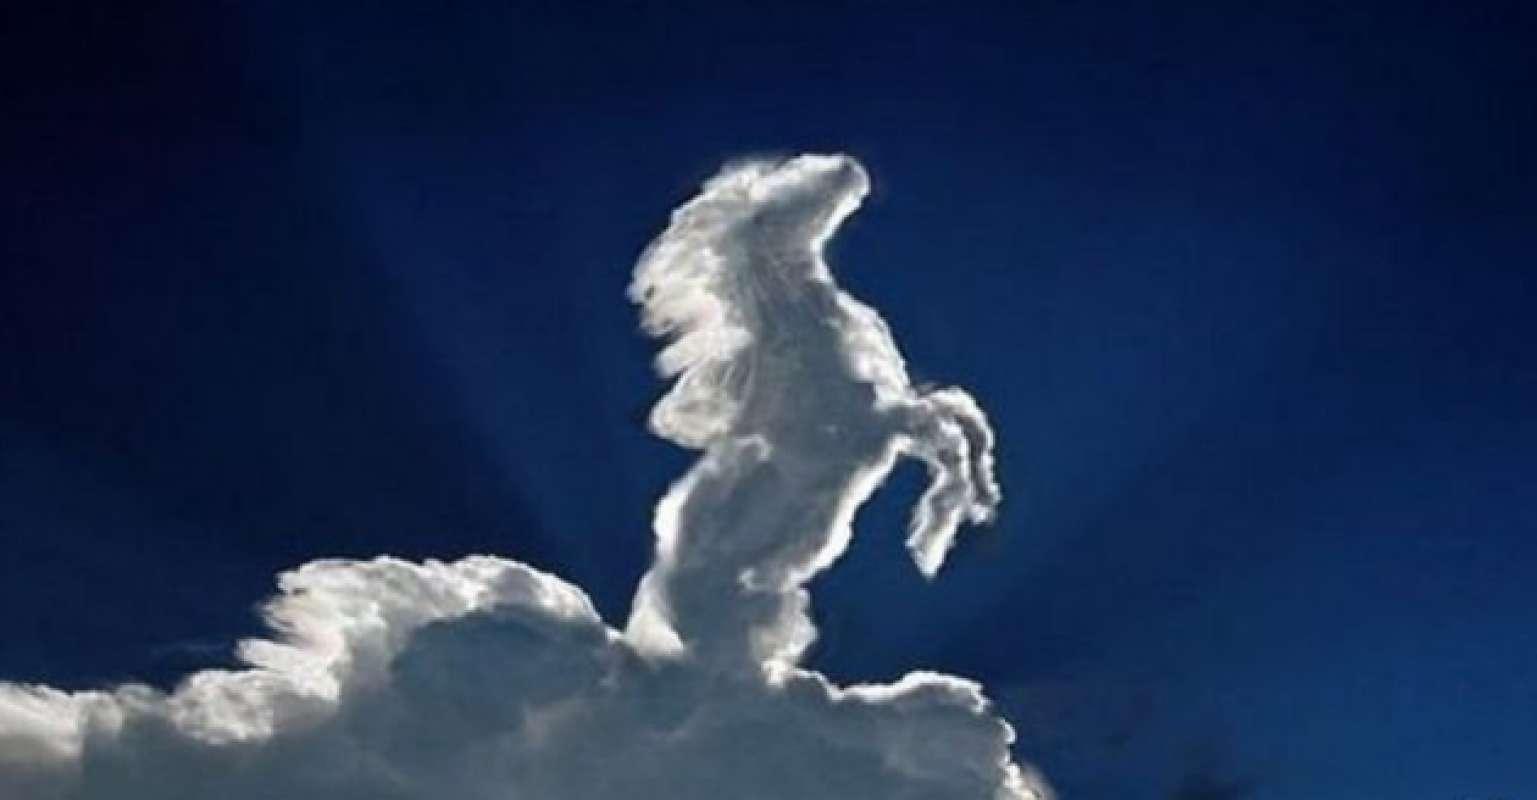 В Ростове-на-Дону увидели странное облако и никто не понимает, как оно могло образоваться